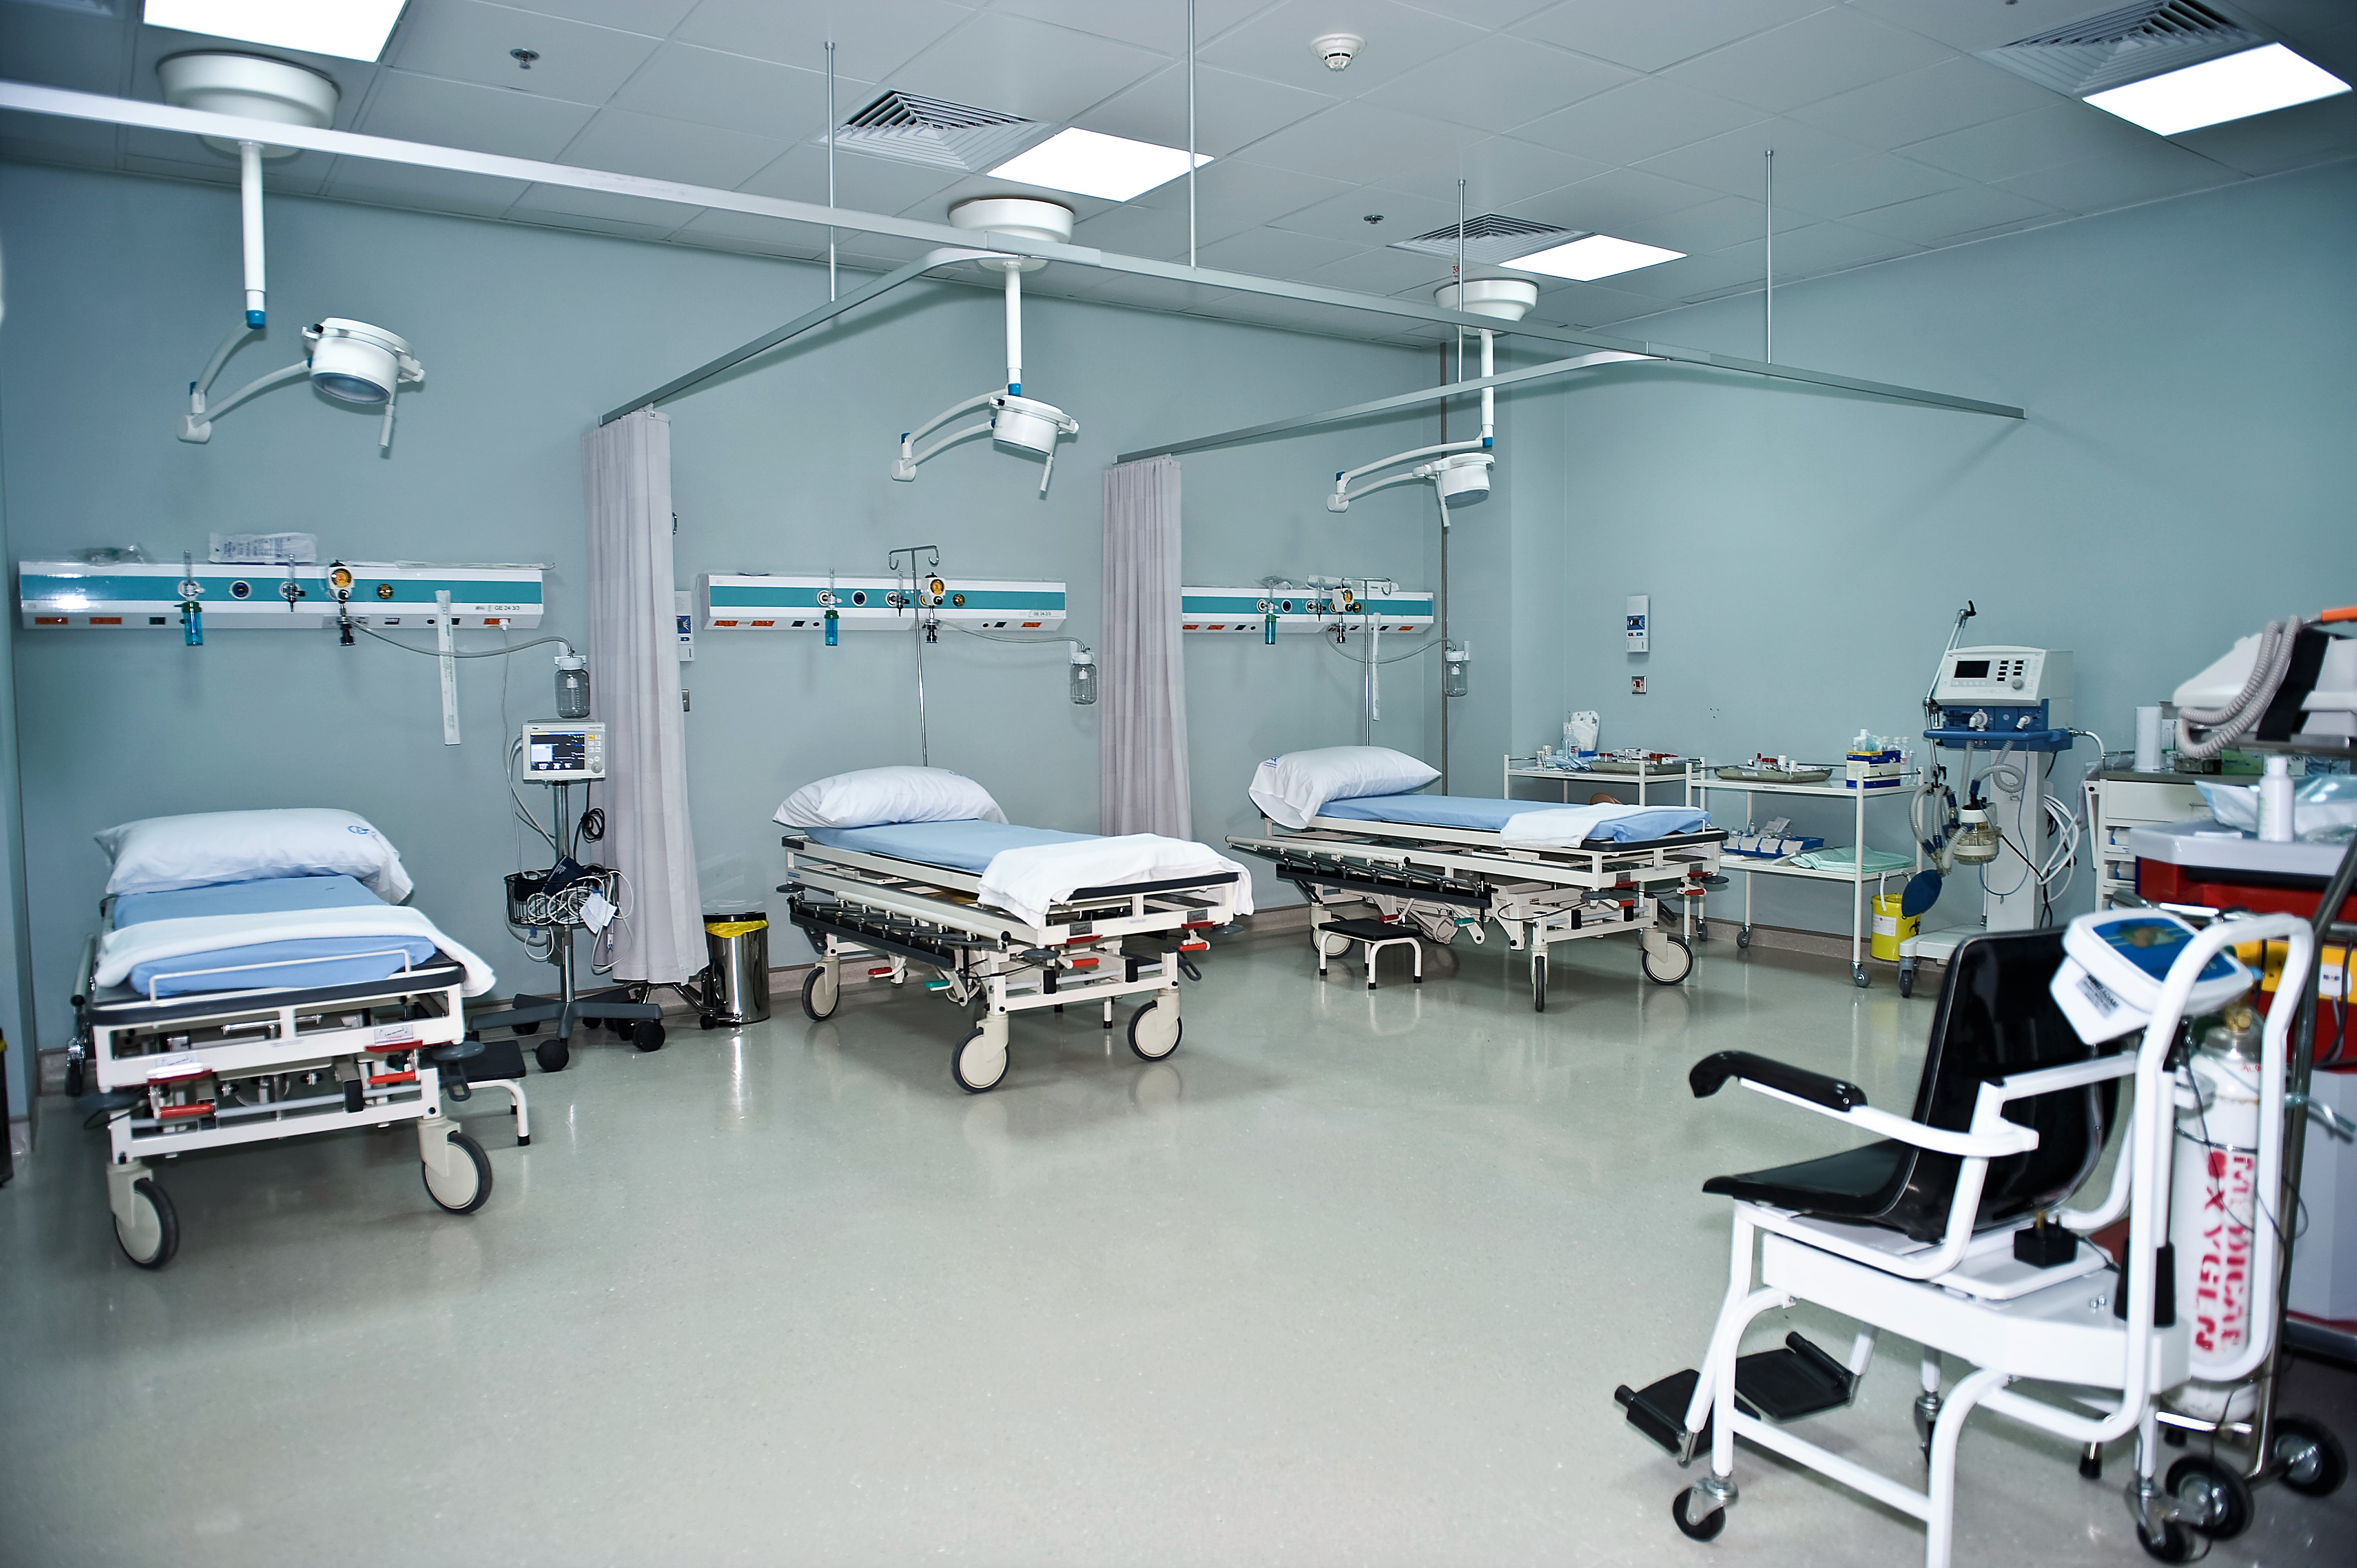 ER rooms